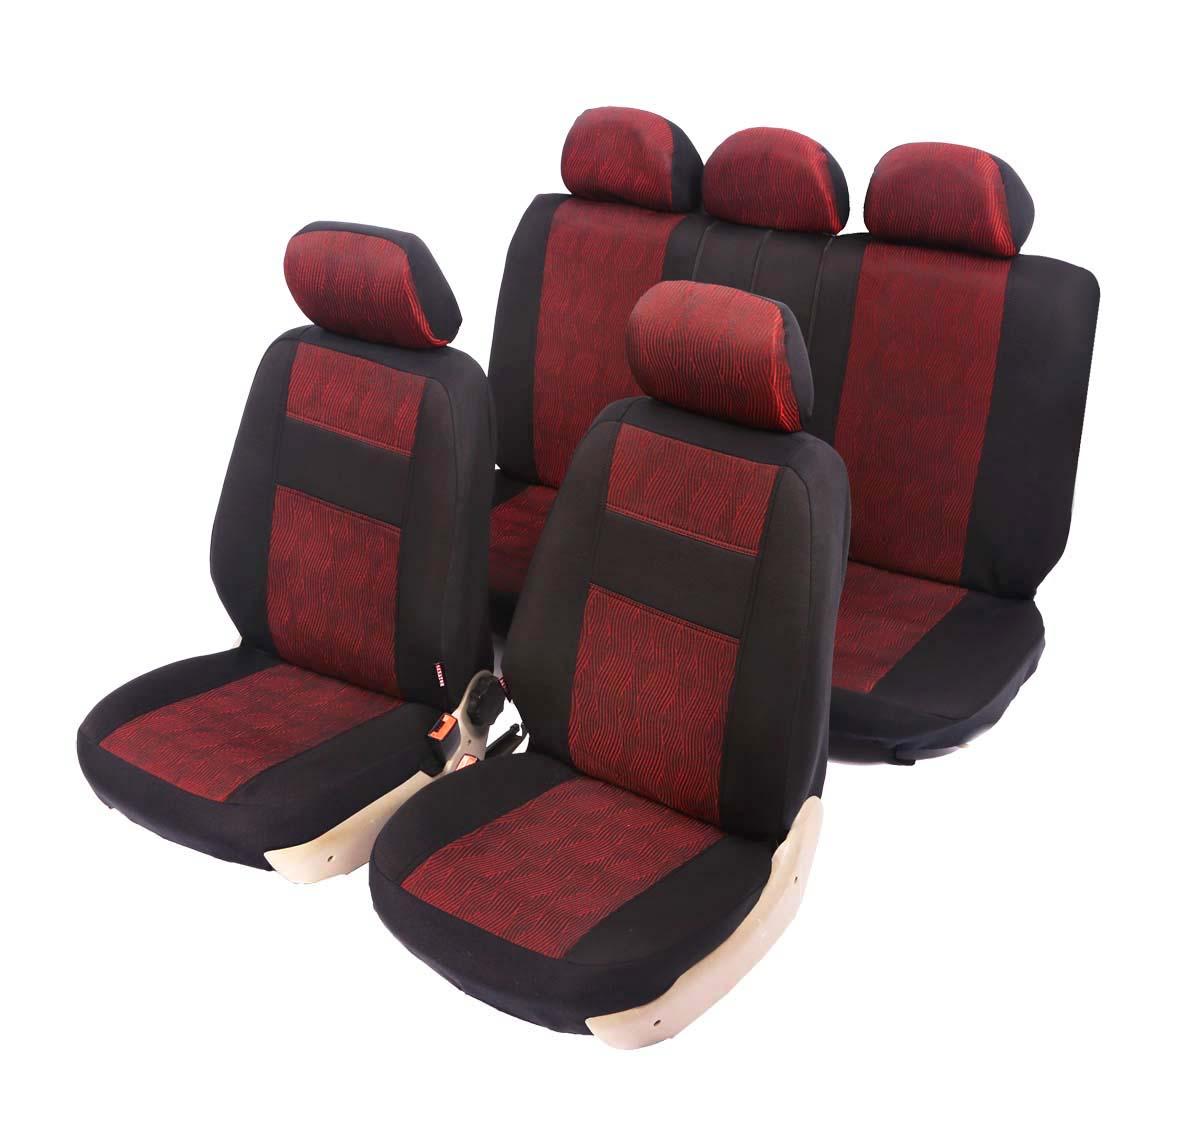 """Чехлы автомобильные универсальные Senator """"Arizona"""", цвет: красный, черный, 11 предметов. Размер М"""